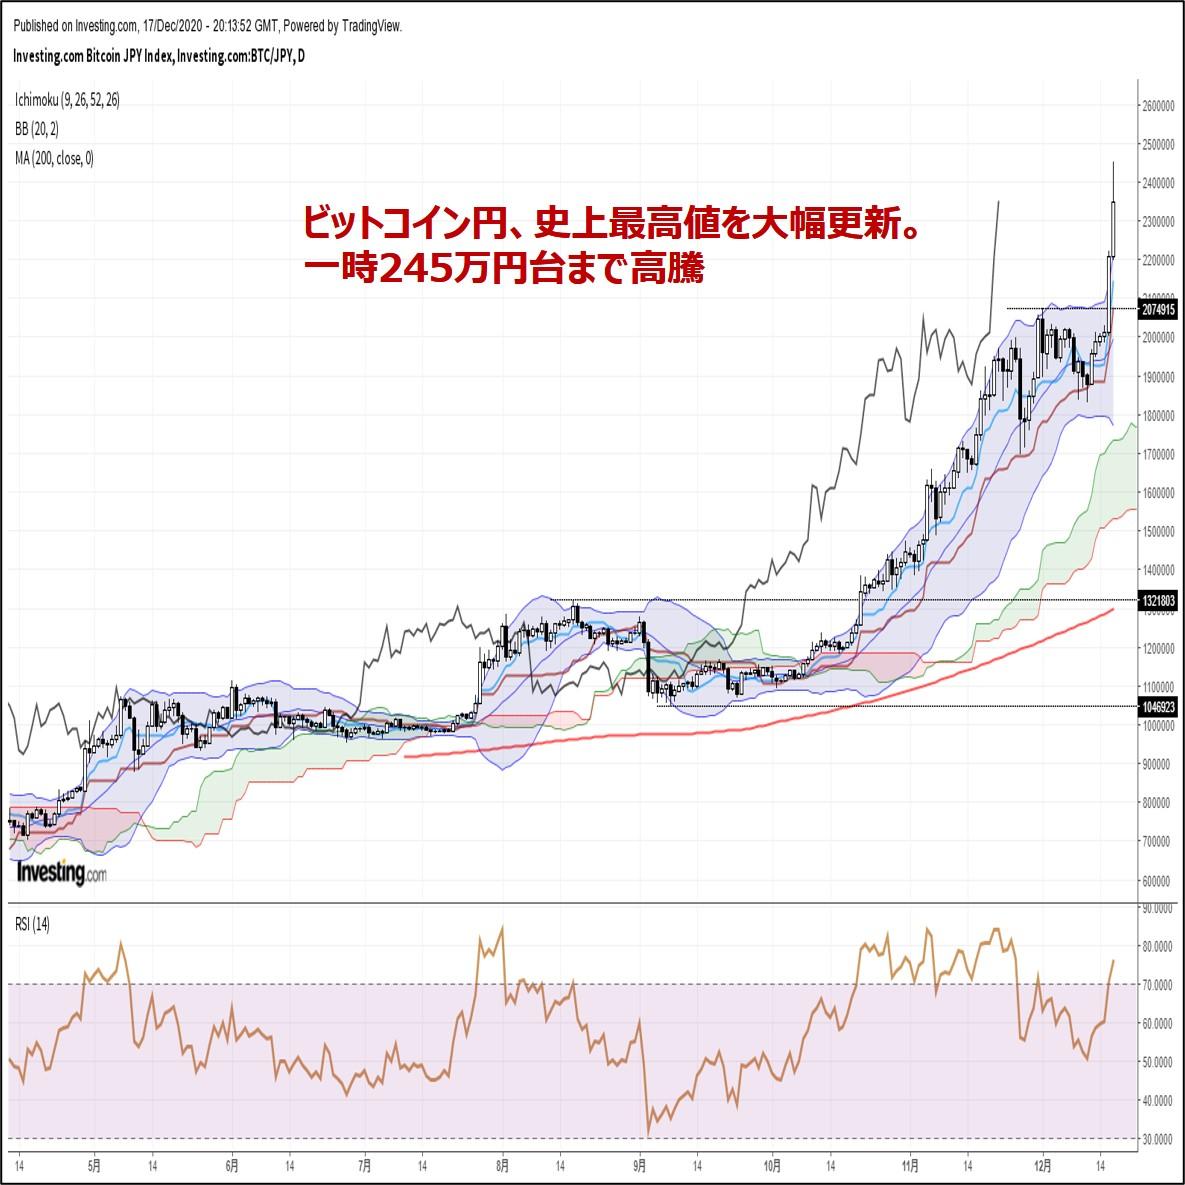 ビットコイン円、史上最高値を大幅更新。一時245万円台まで高騰(12/18朝)